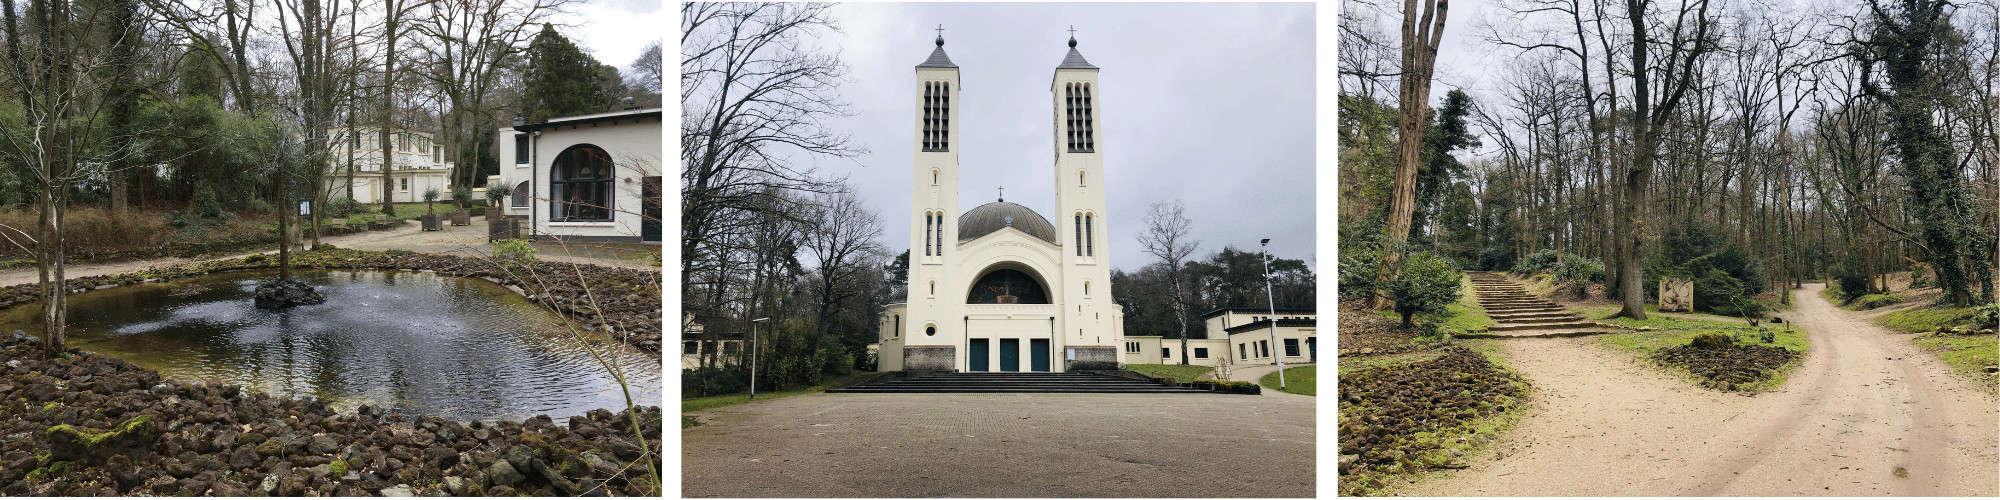 Pelgrimshuis Casa Nova - Nijmegen